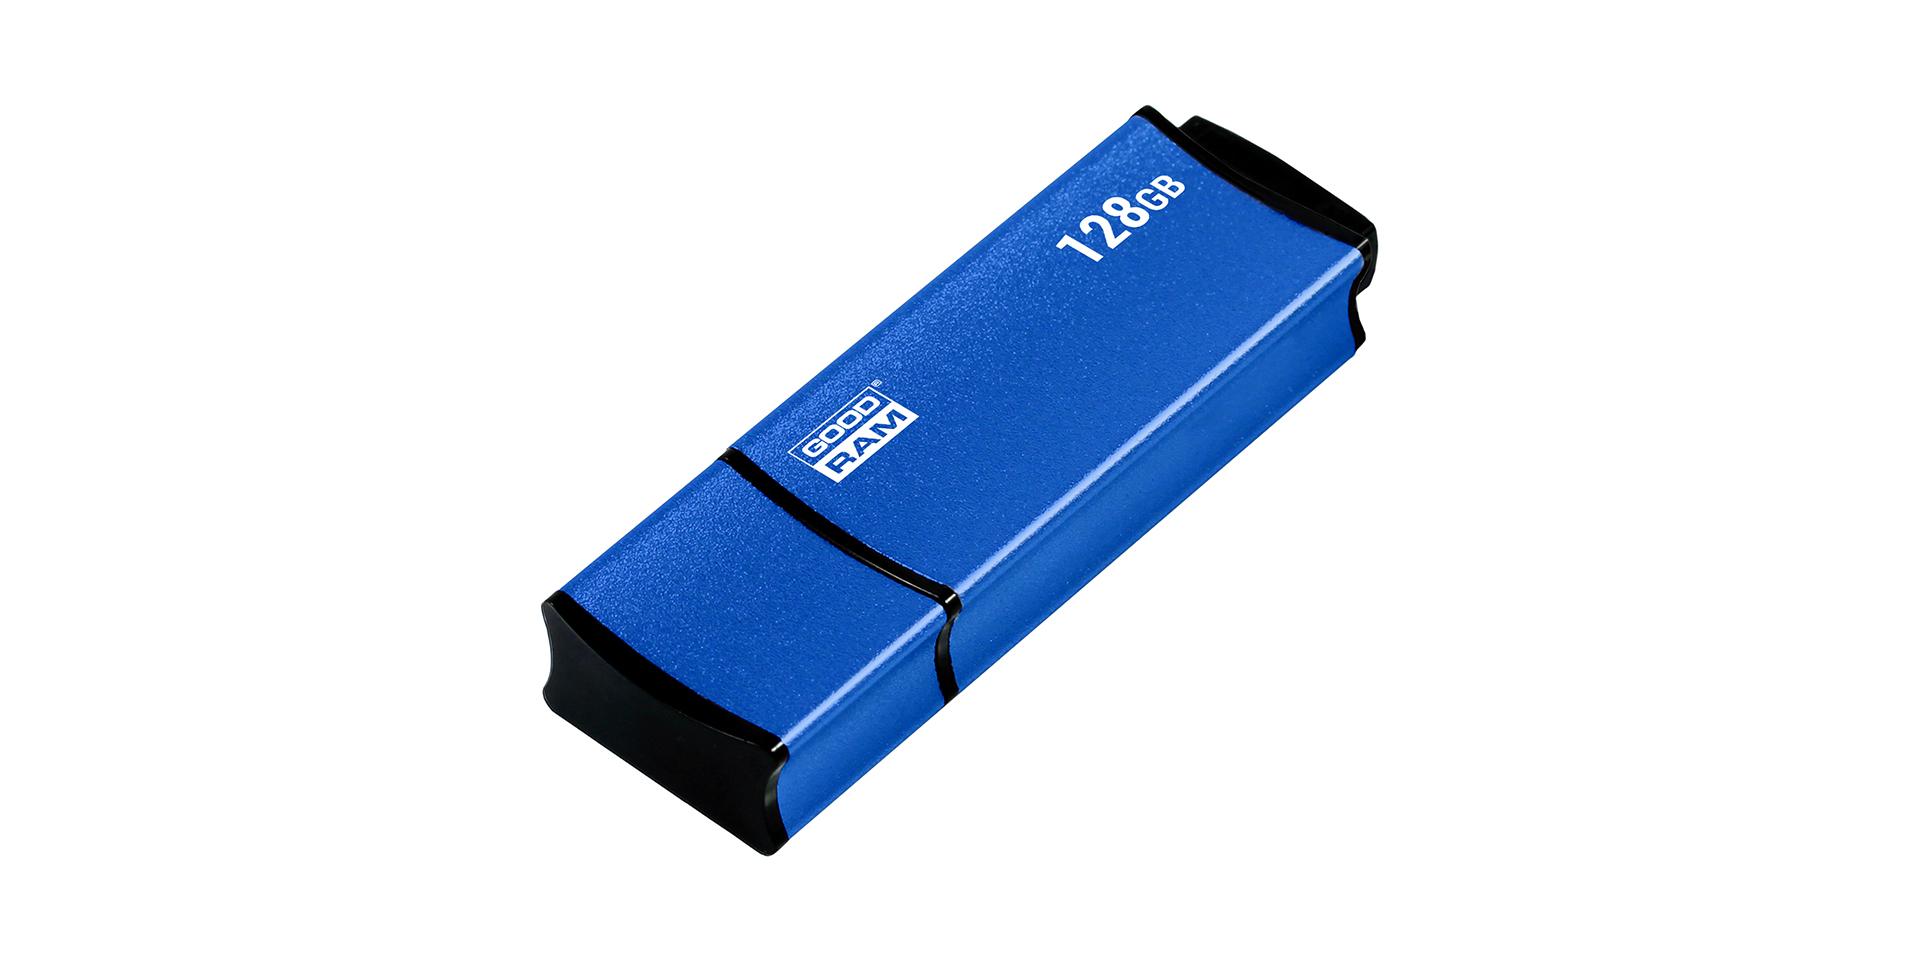 Carcasa USB azul